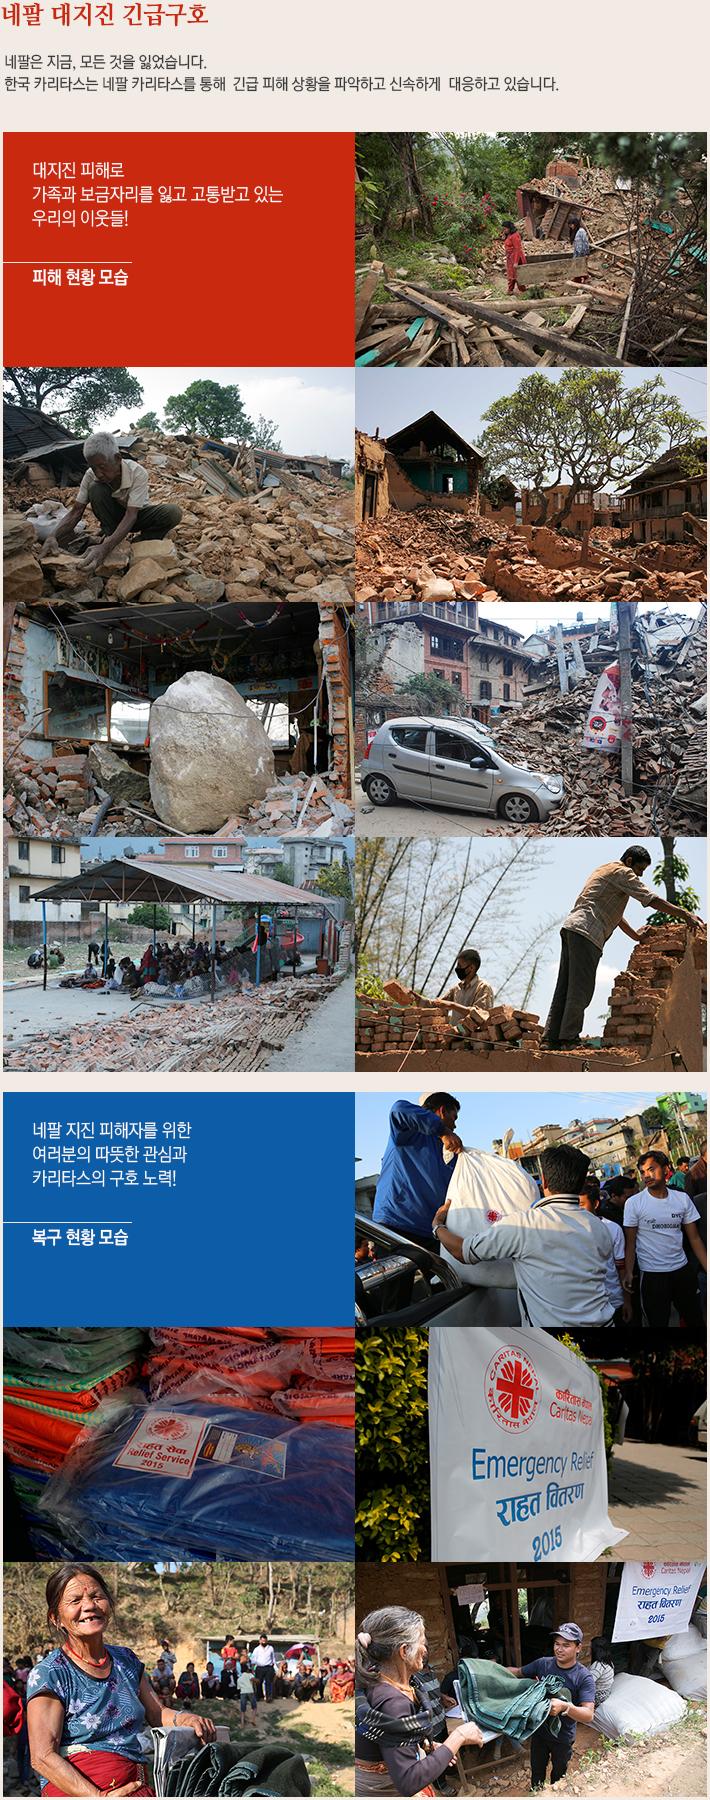 네팔 지진 피해 현황 모습 및 복구 현황 모습